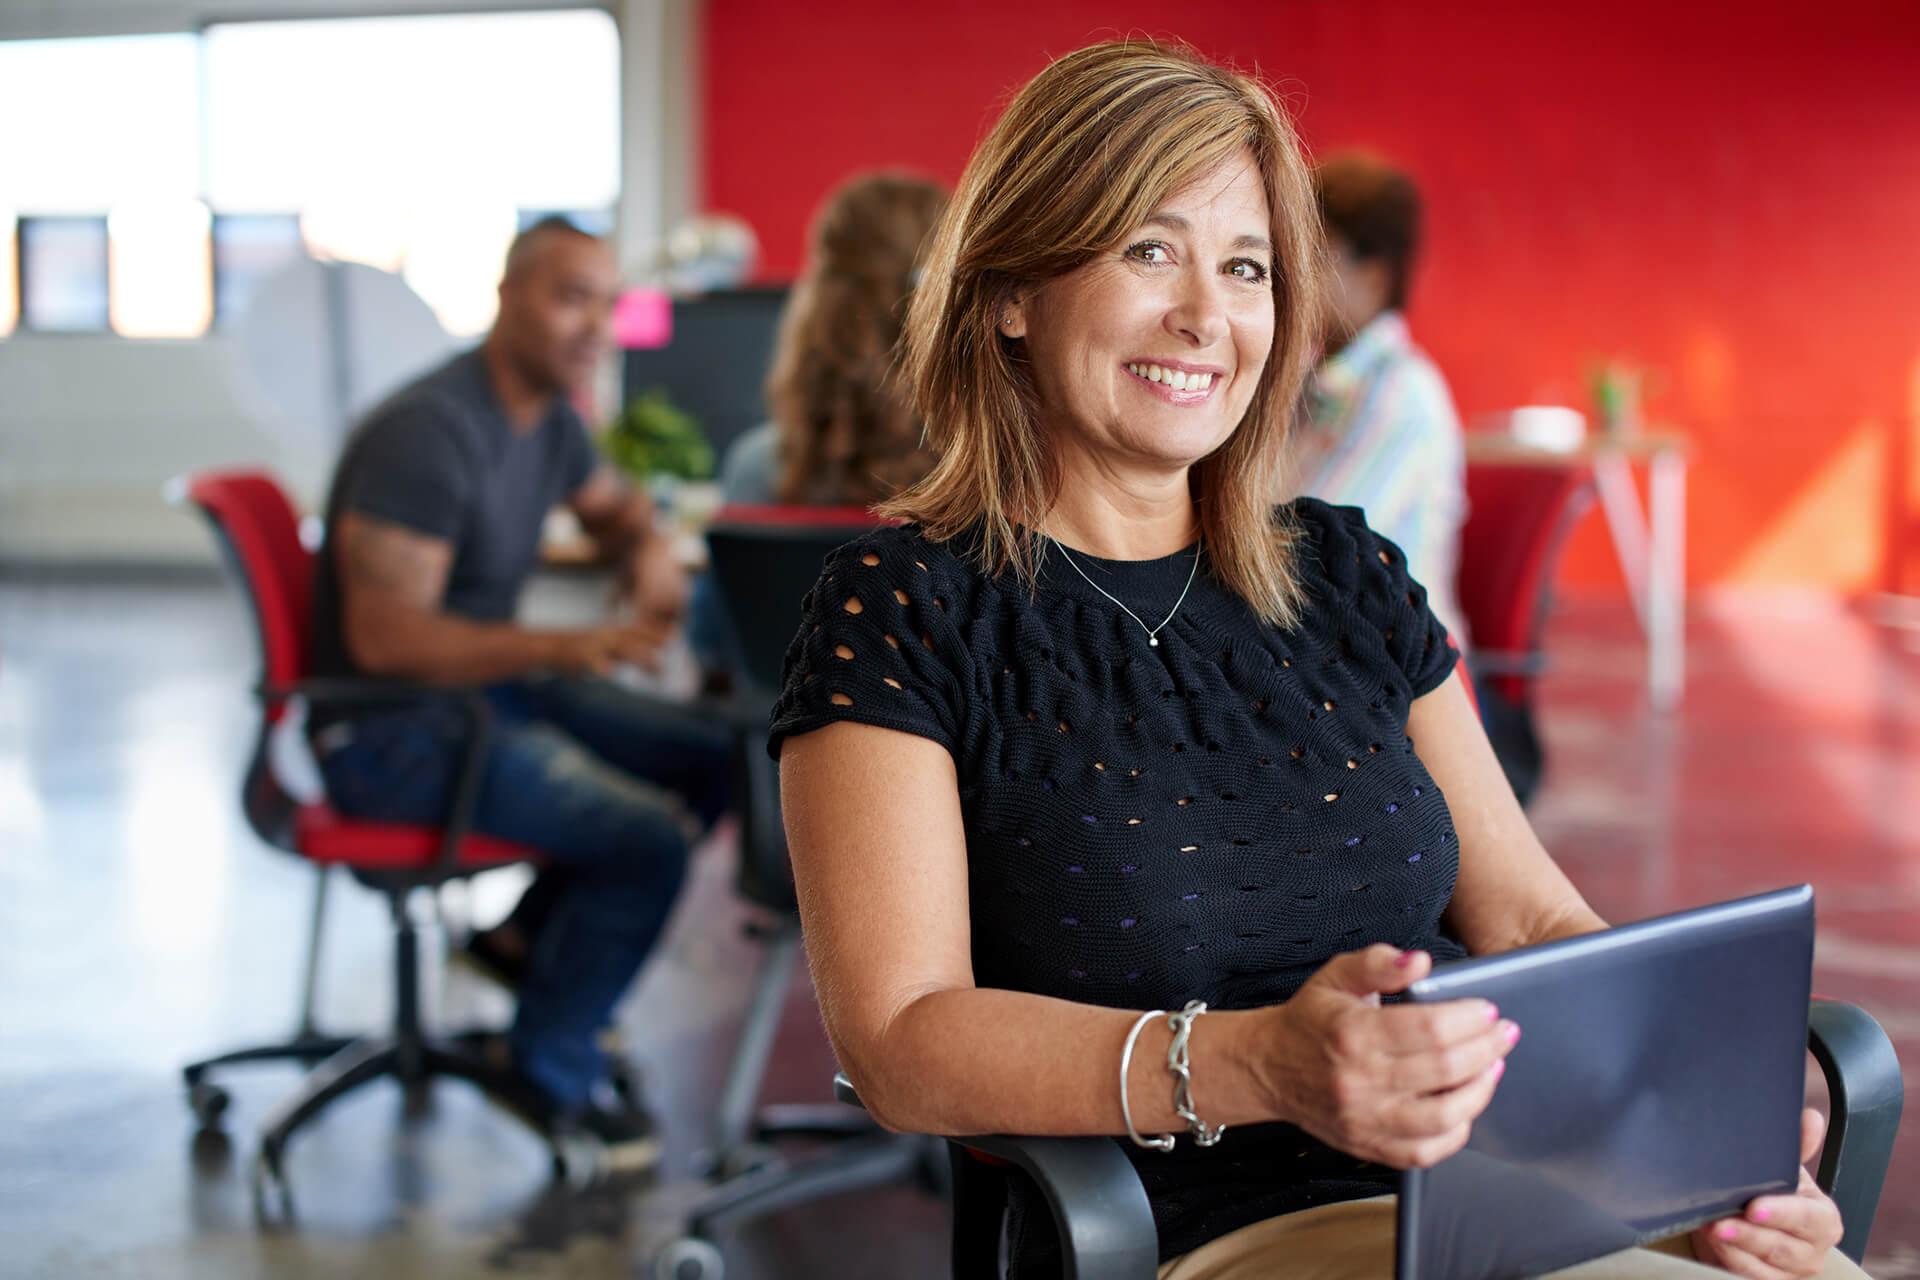 Empreendedorismo na terceira idade: histórias de sucesso